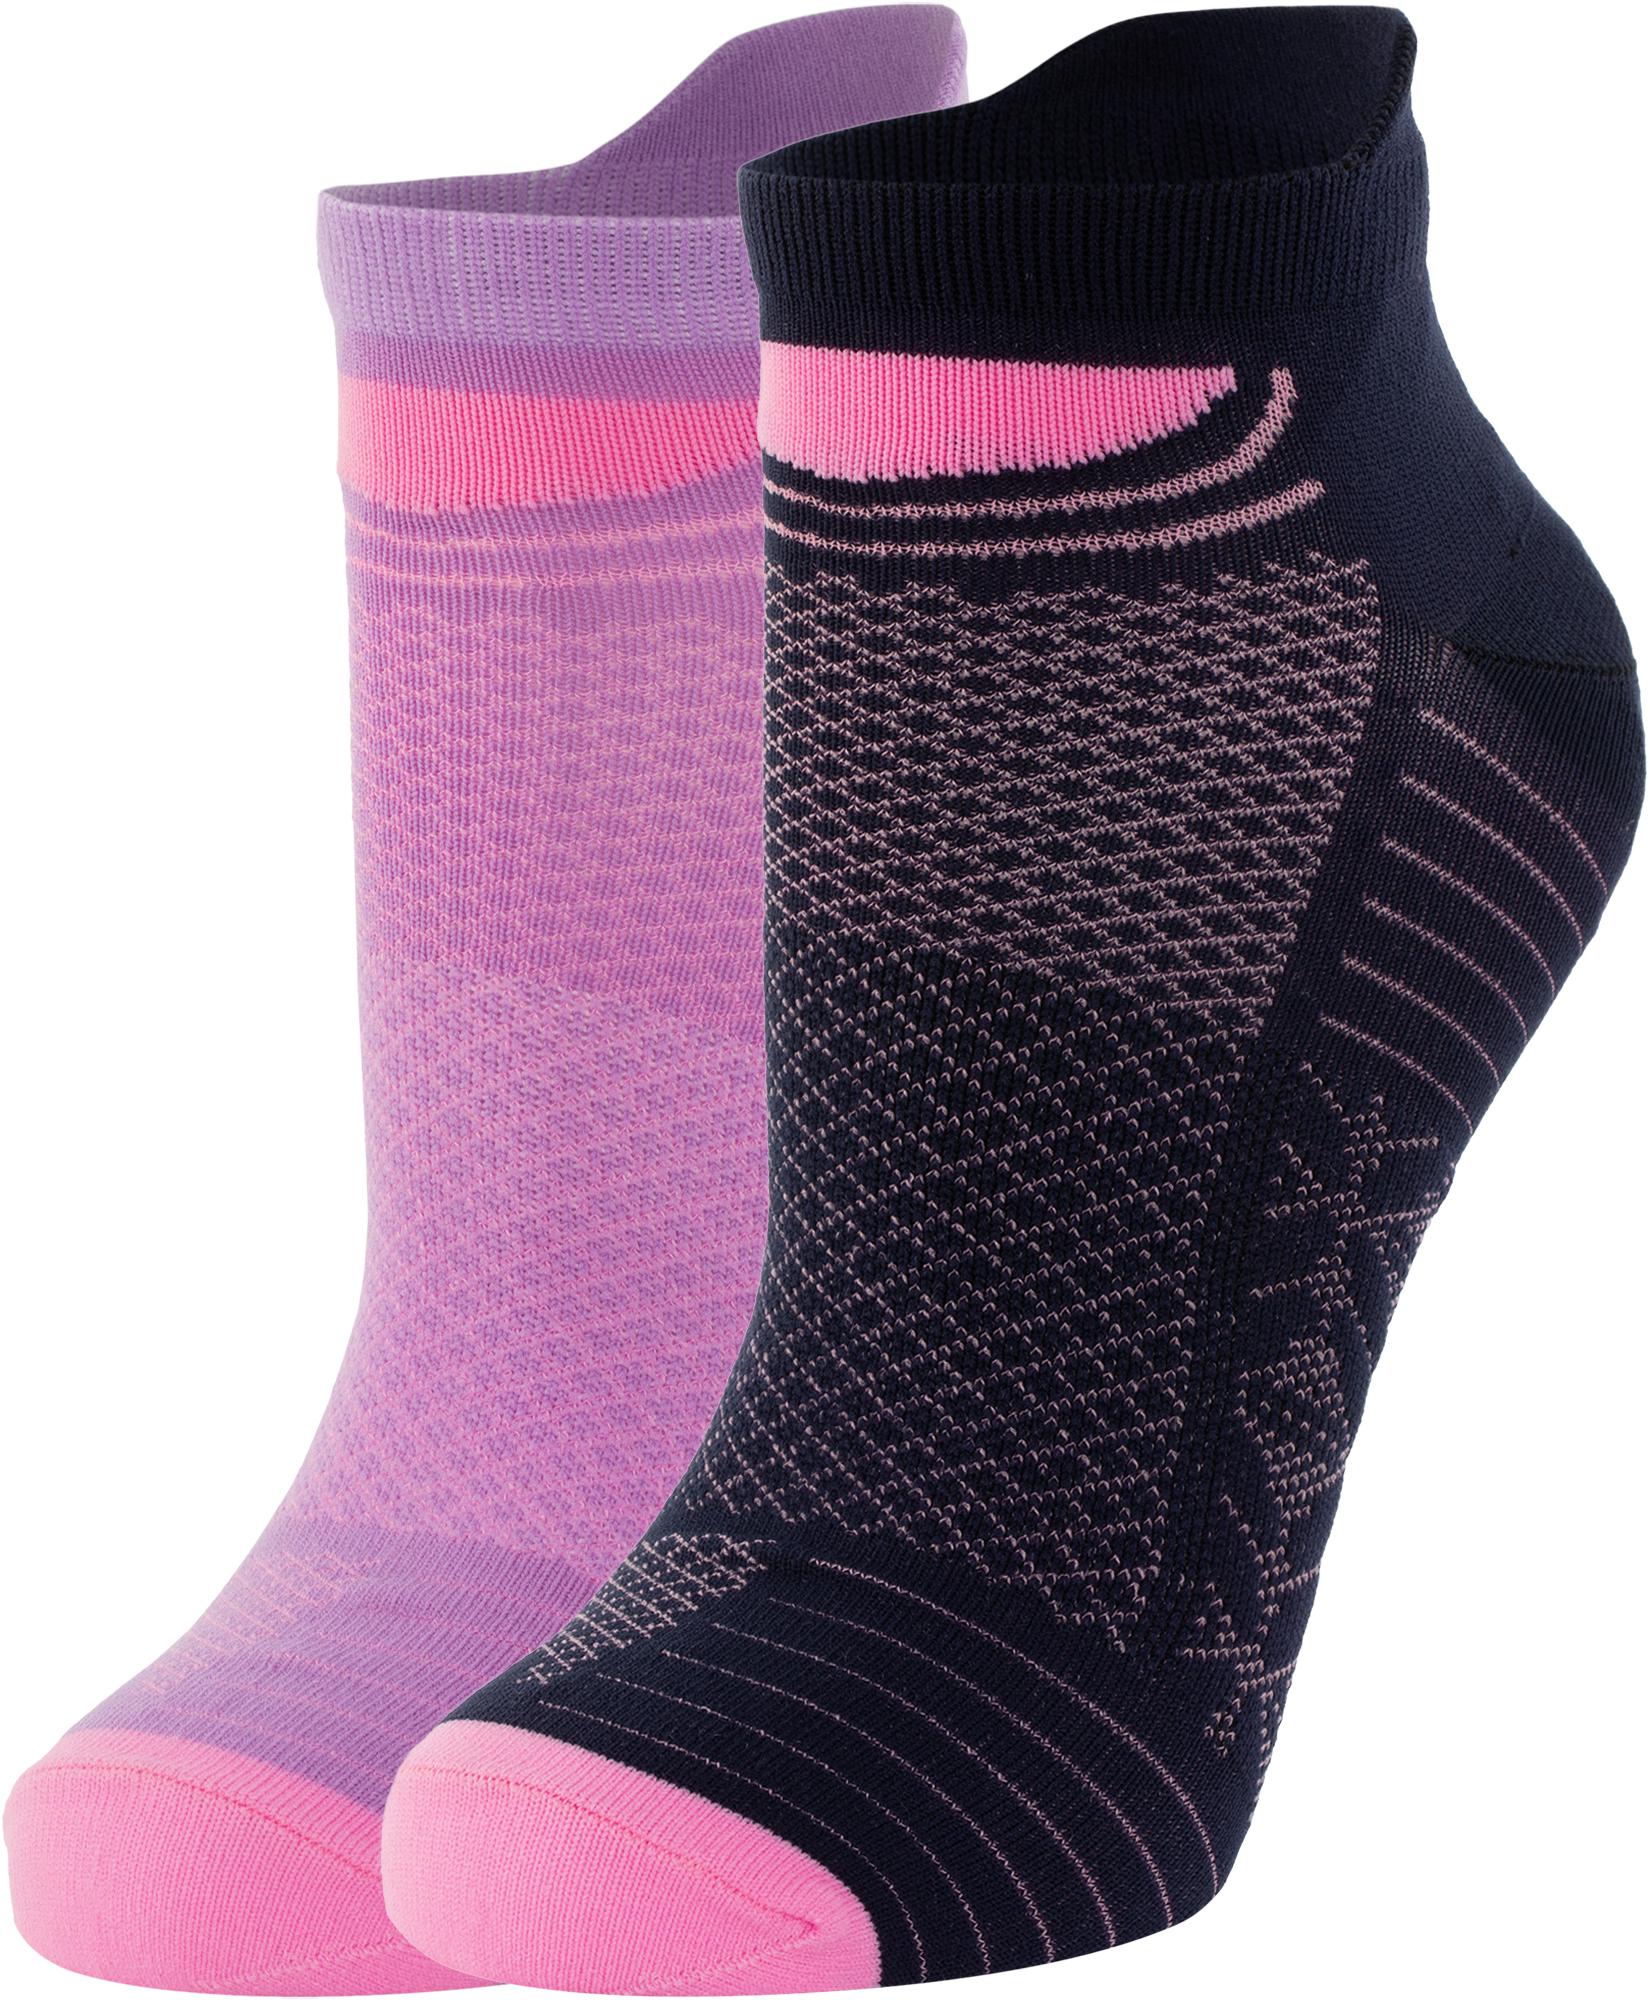 Demix Носки женские Demix, 2 пары, размер 39-42 носки женские griff резинка цвет меланж d4o1 размер 39 41